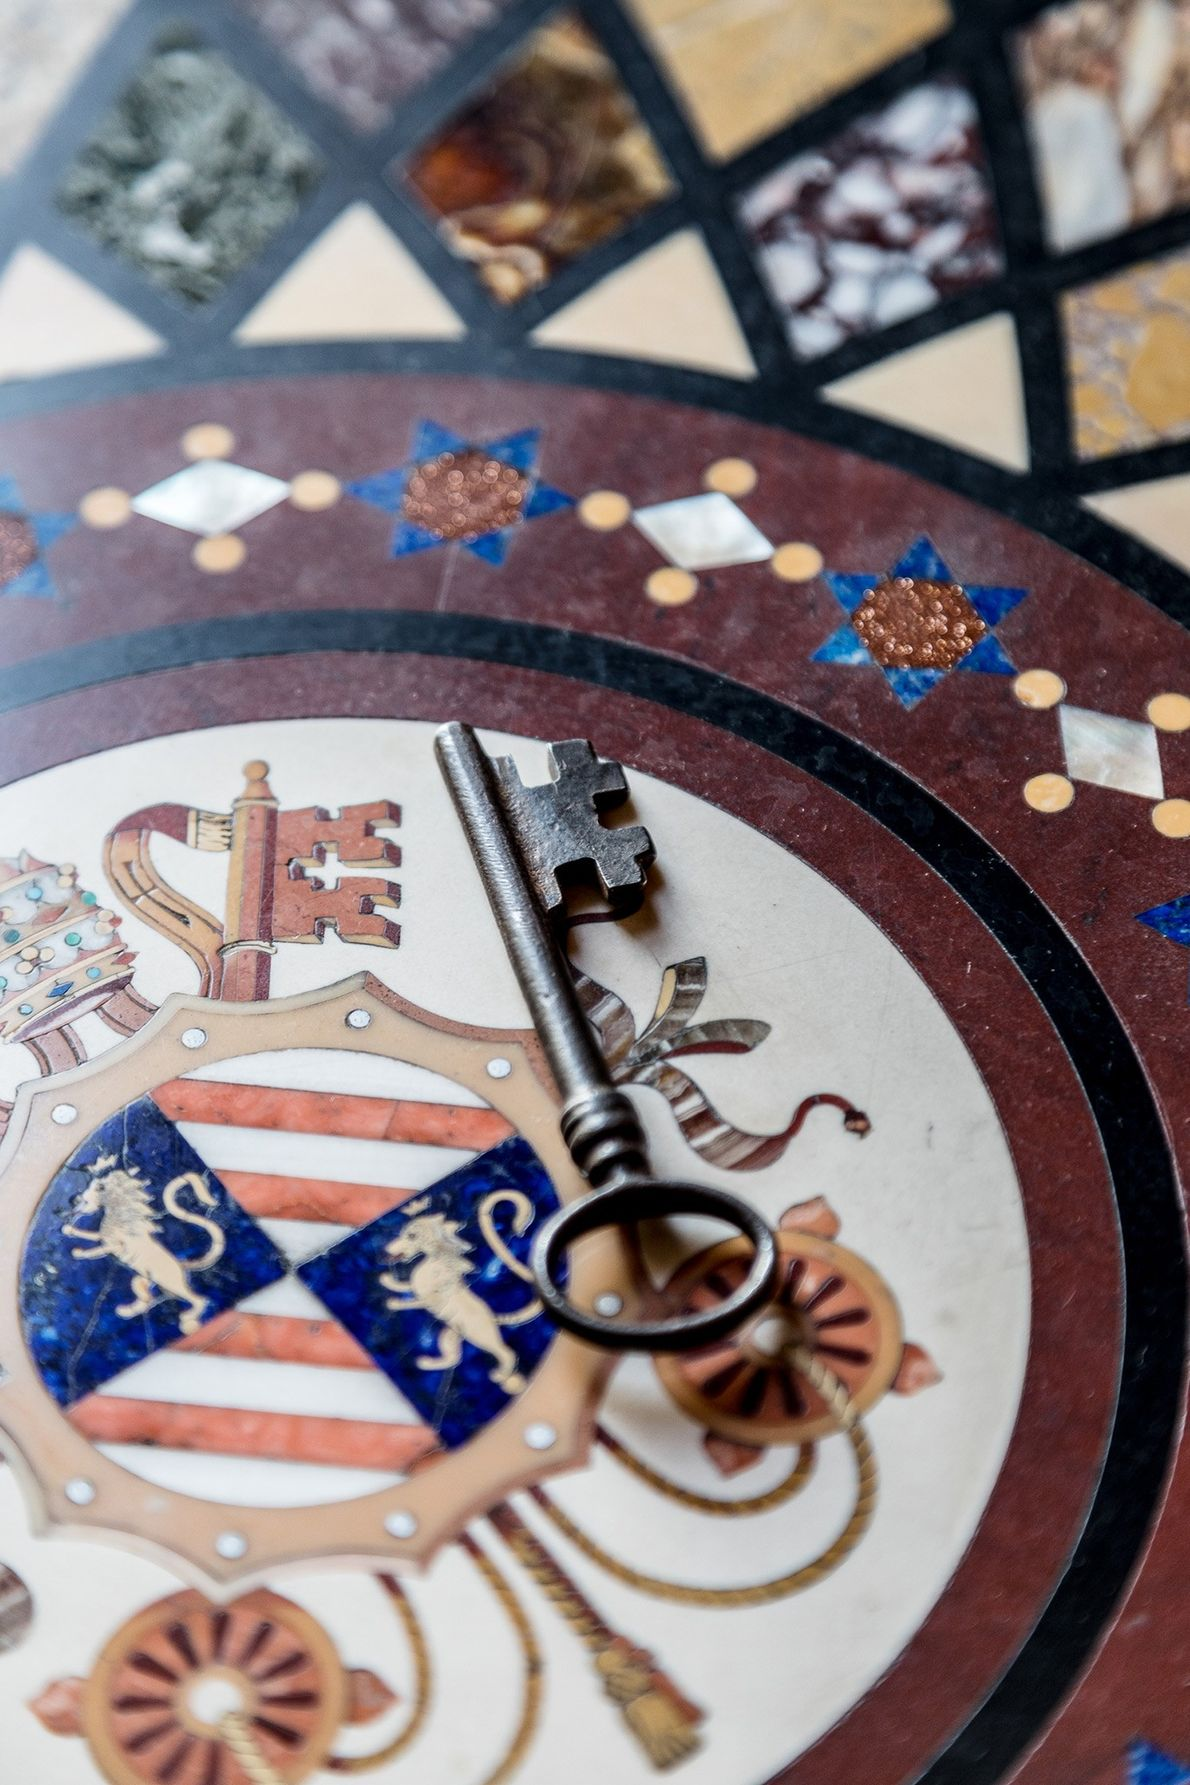 A única chave que não está numerada é a chave da Capela Sistina.